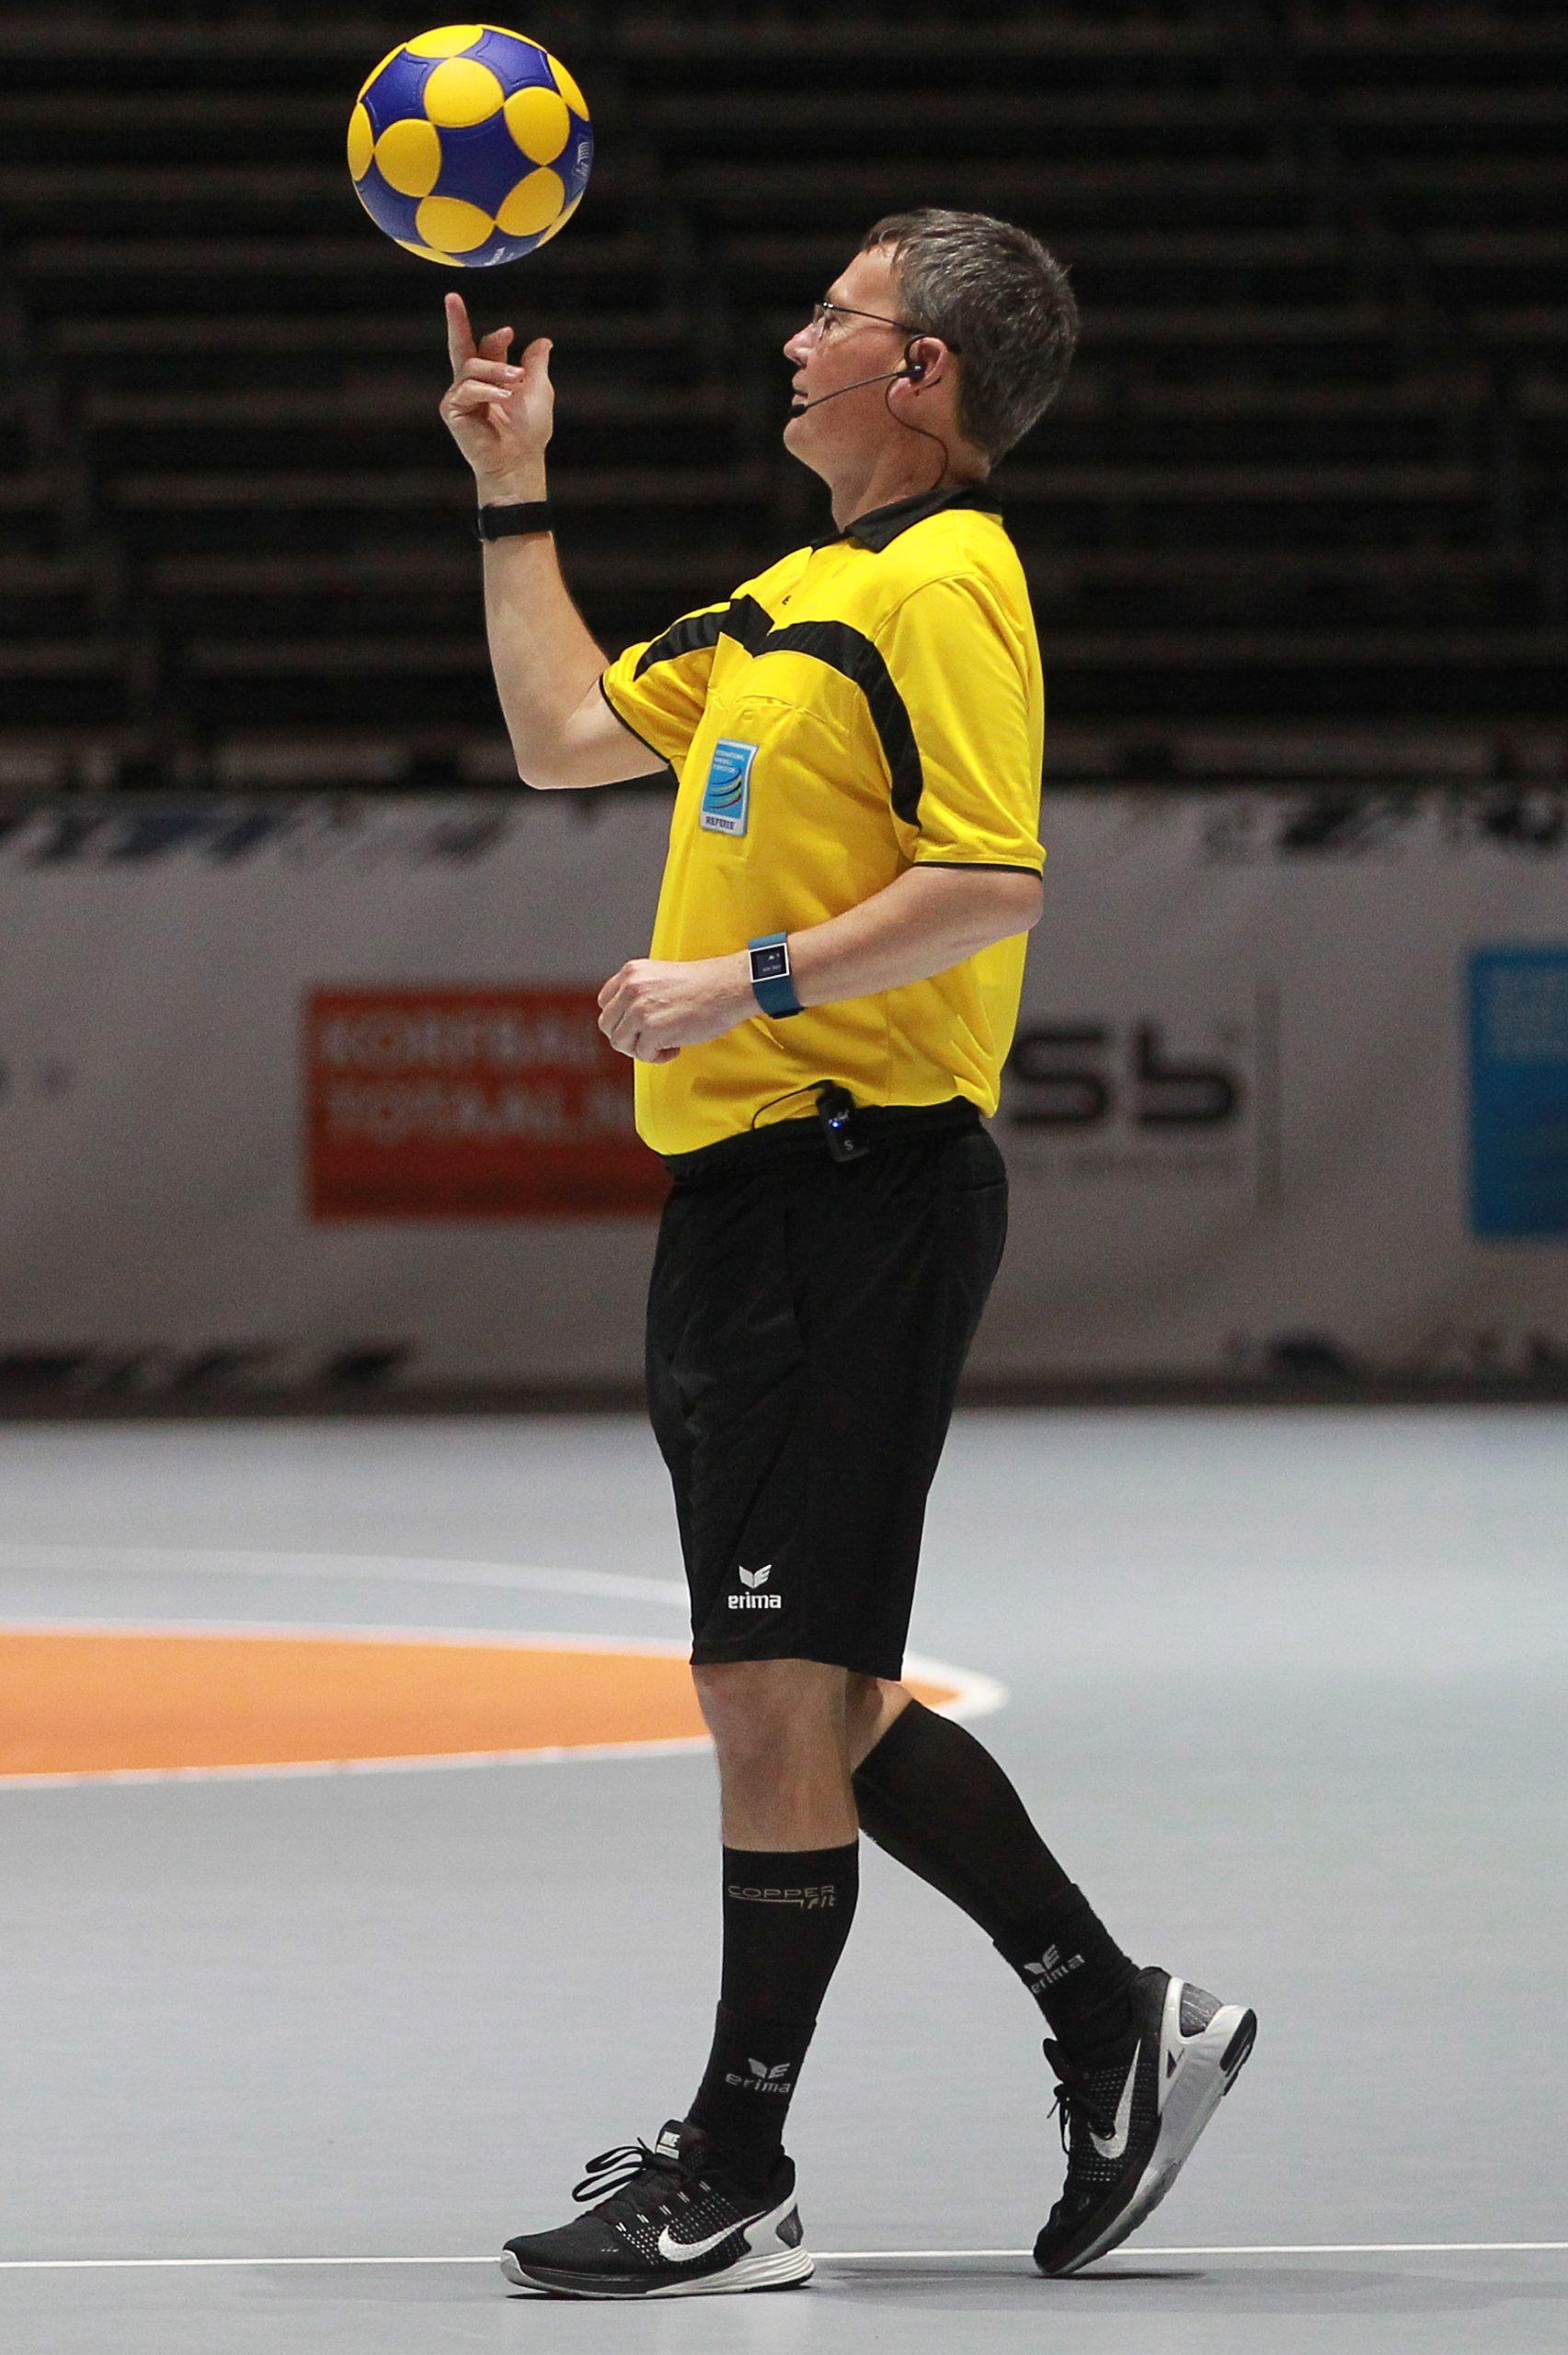 axiwi-draadloos-communicatie-systeem-korfbal-ek-scheidsrechter-bal